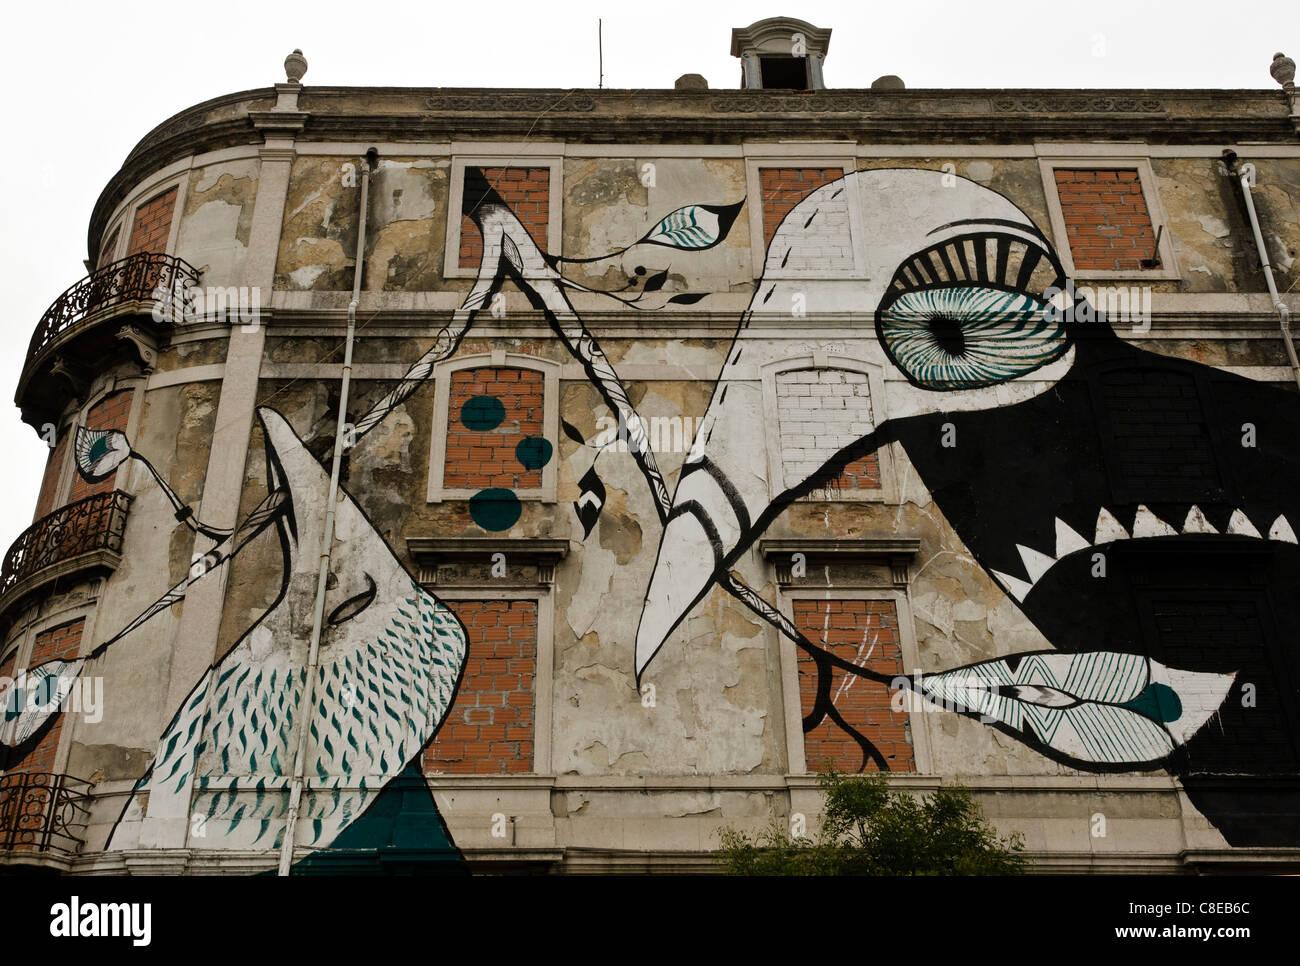 Street art murales, Lisbon, Portugal - Stock Image